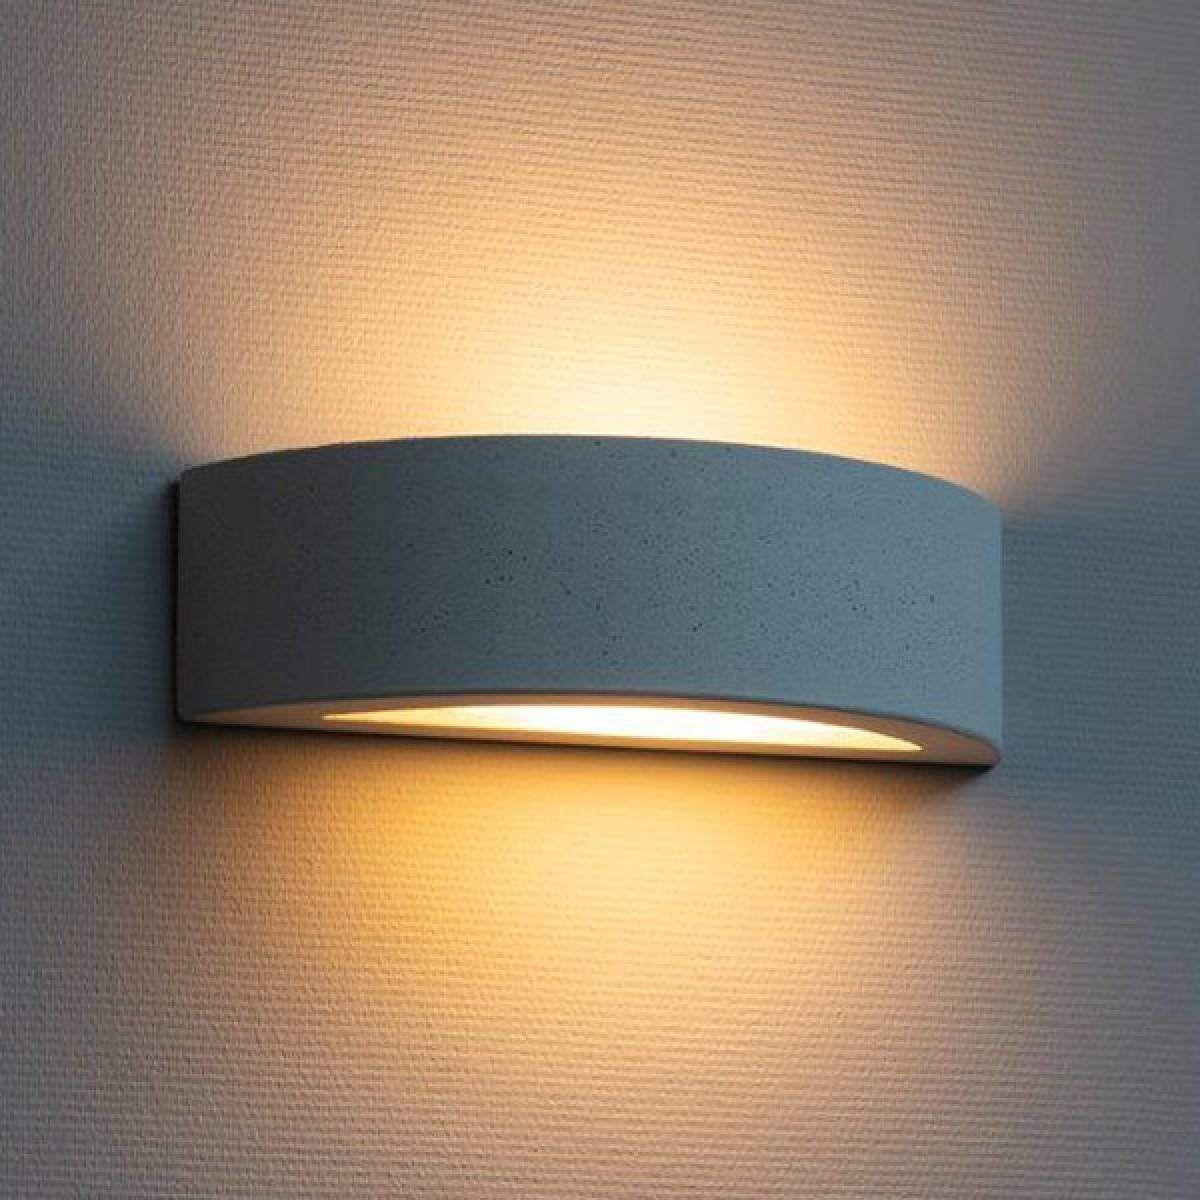 Abgerundete Wandlampe Proof Aus Beton Lampen Wandleuchte Wandlampe